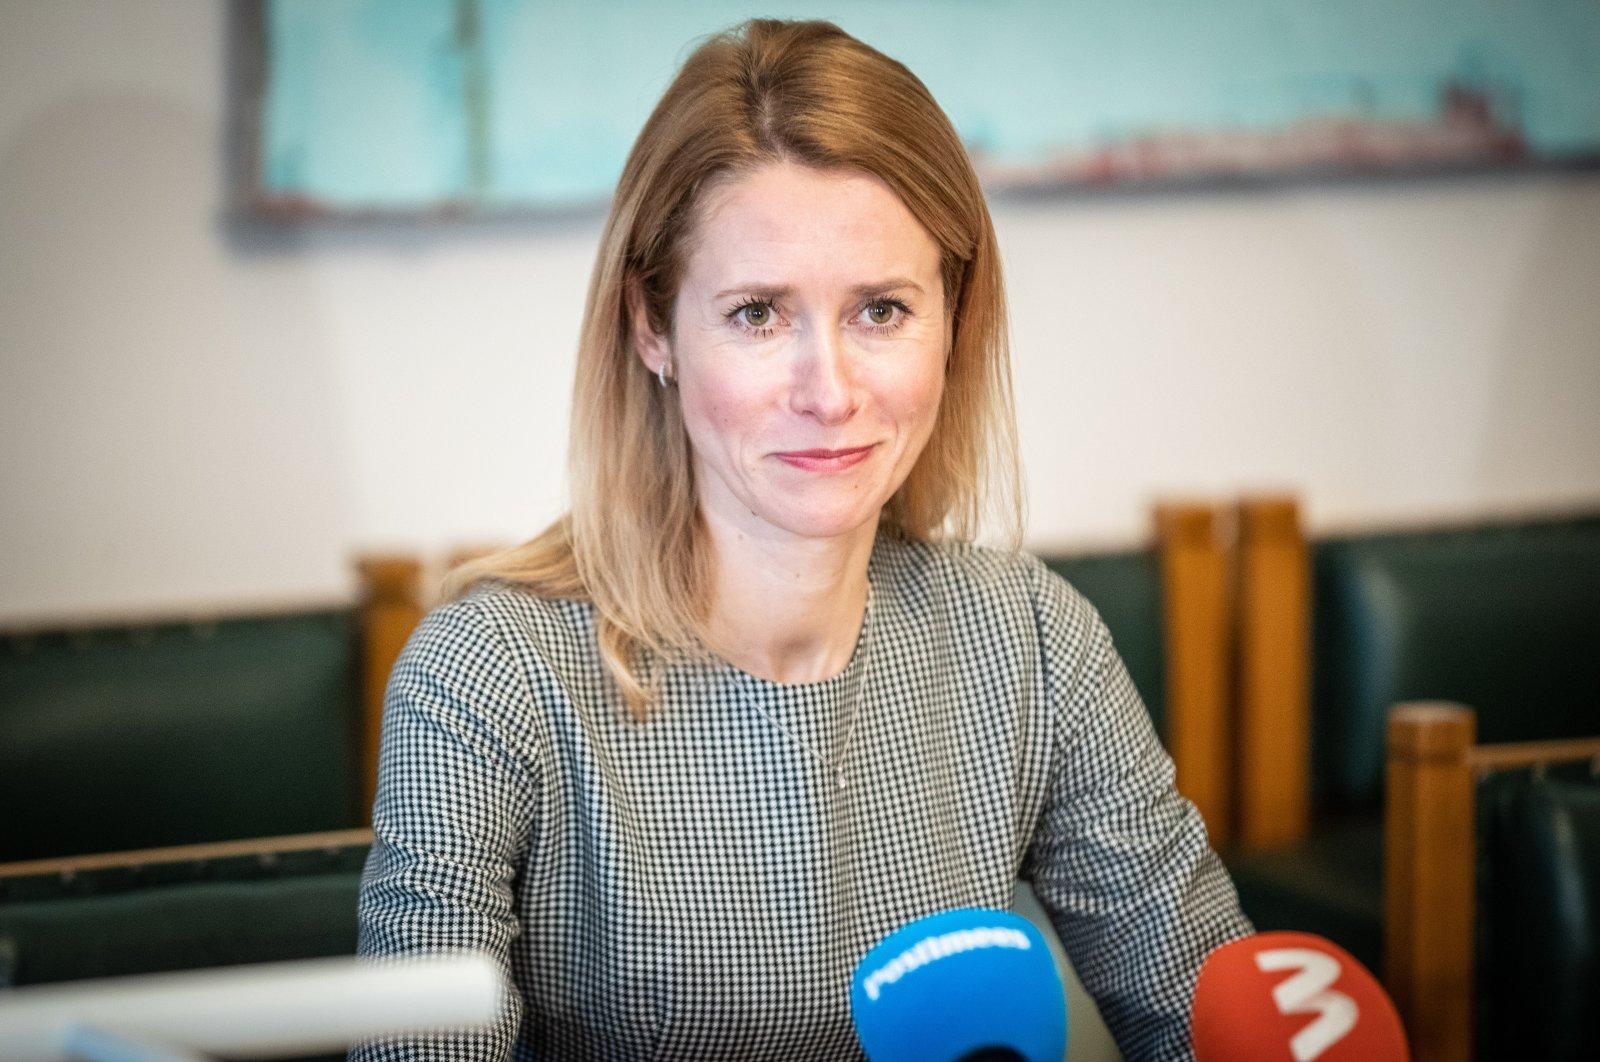 Estonian candidates for the European Parliament: Kaja Kallas